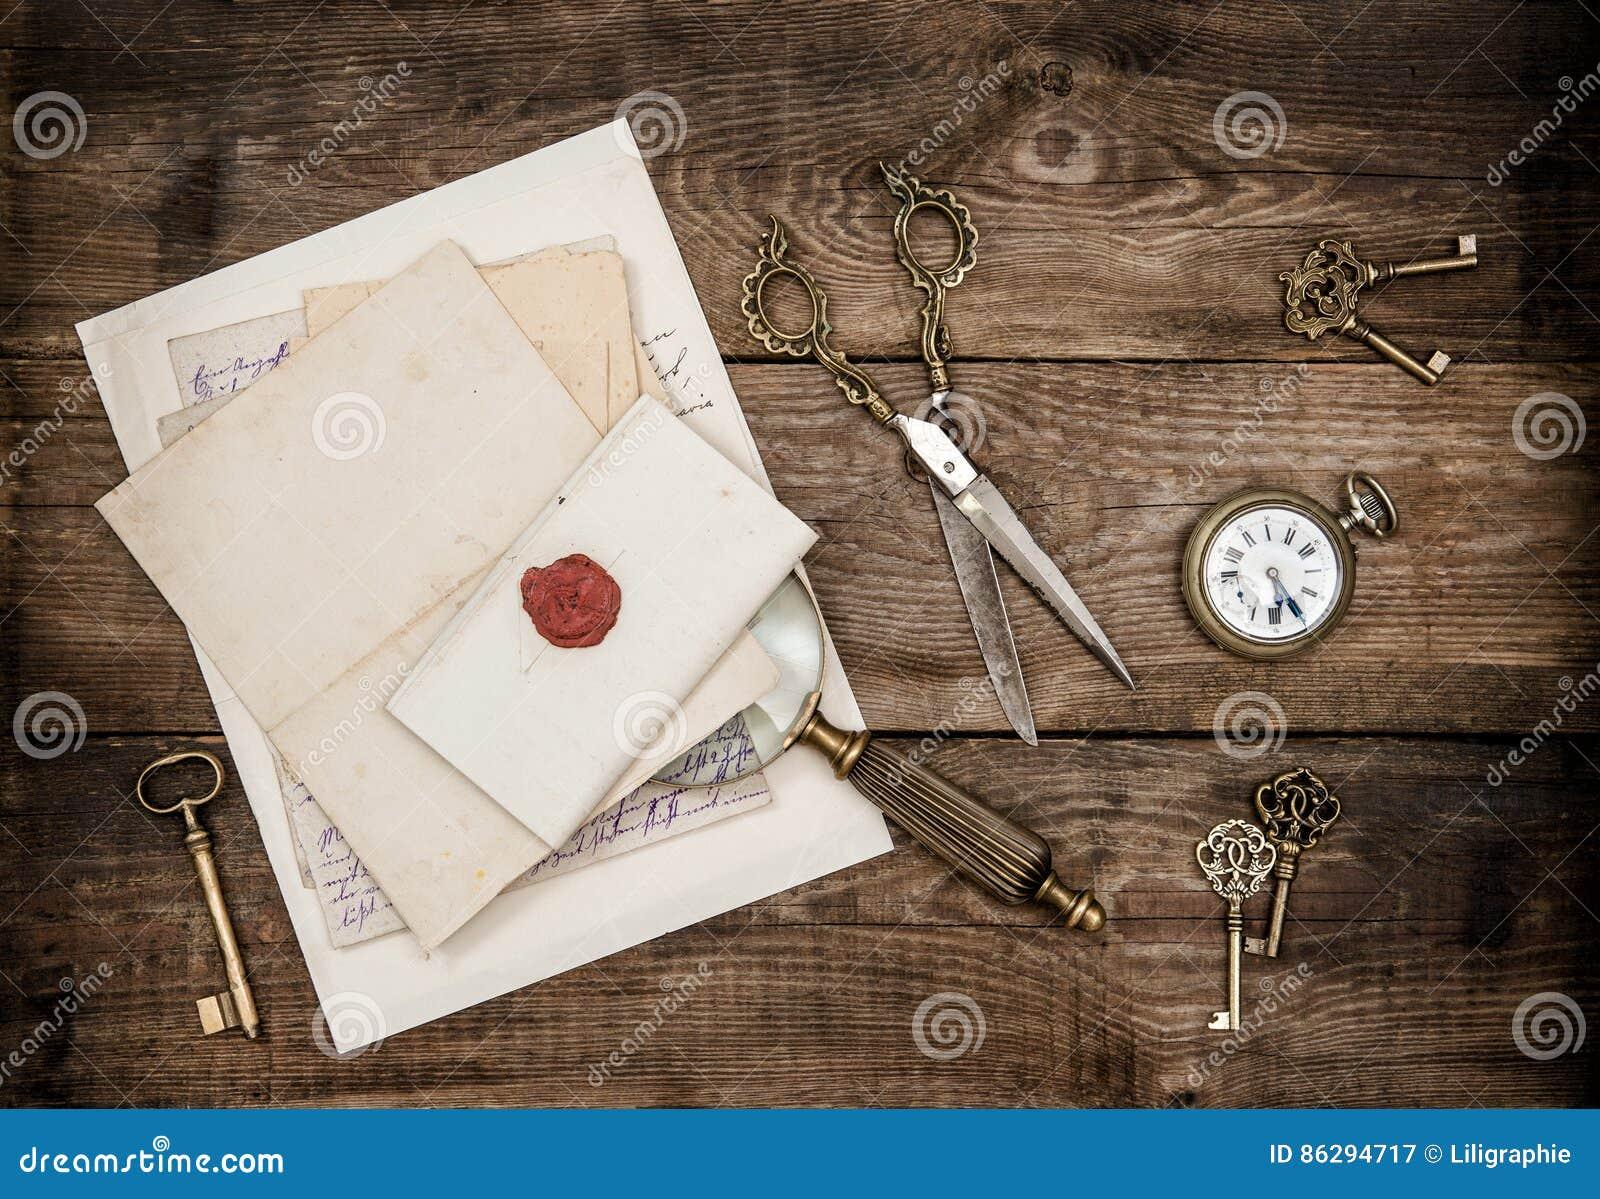 Ufficio K : Gli articoli per ufficio antichi che scrivono ad accessori il